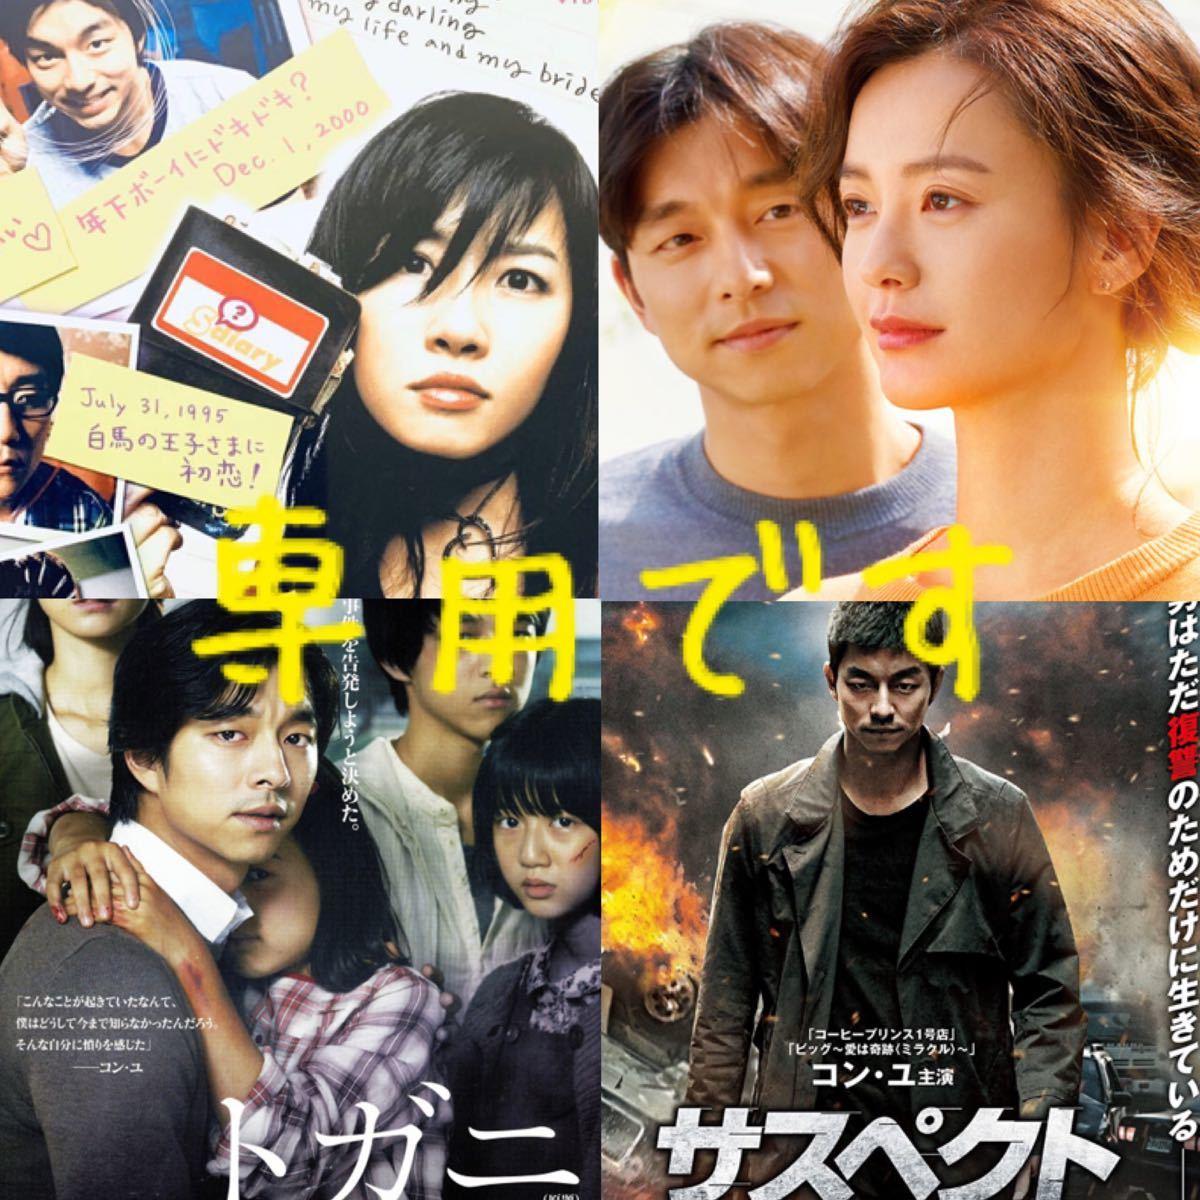 専用です。韓国映画  コン・ユ DVD  3点セット+選べるおまけ1枚  合計4枚  レーベル有り